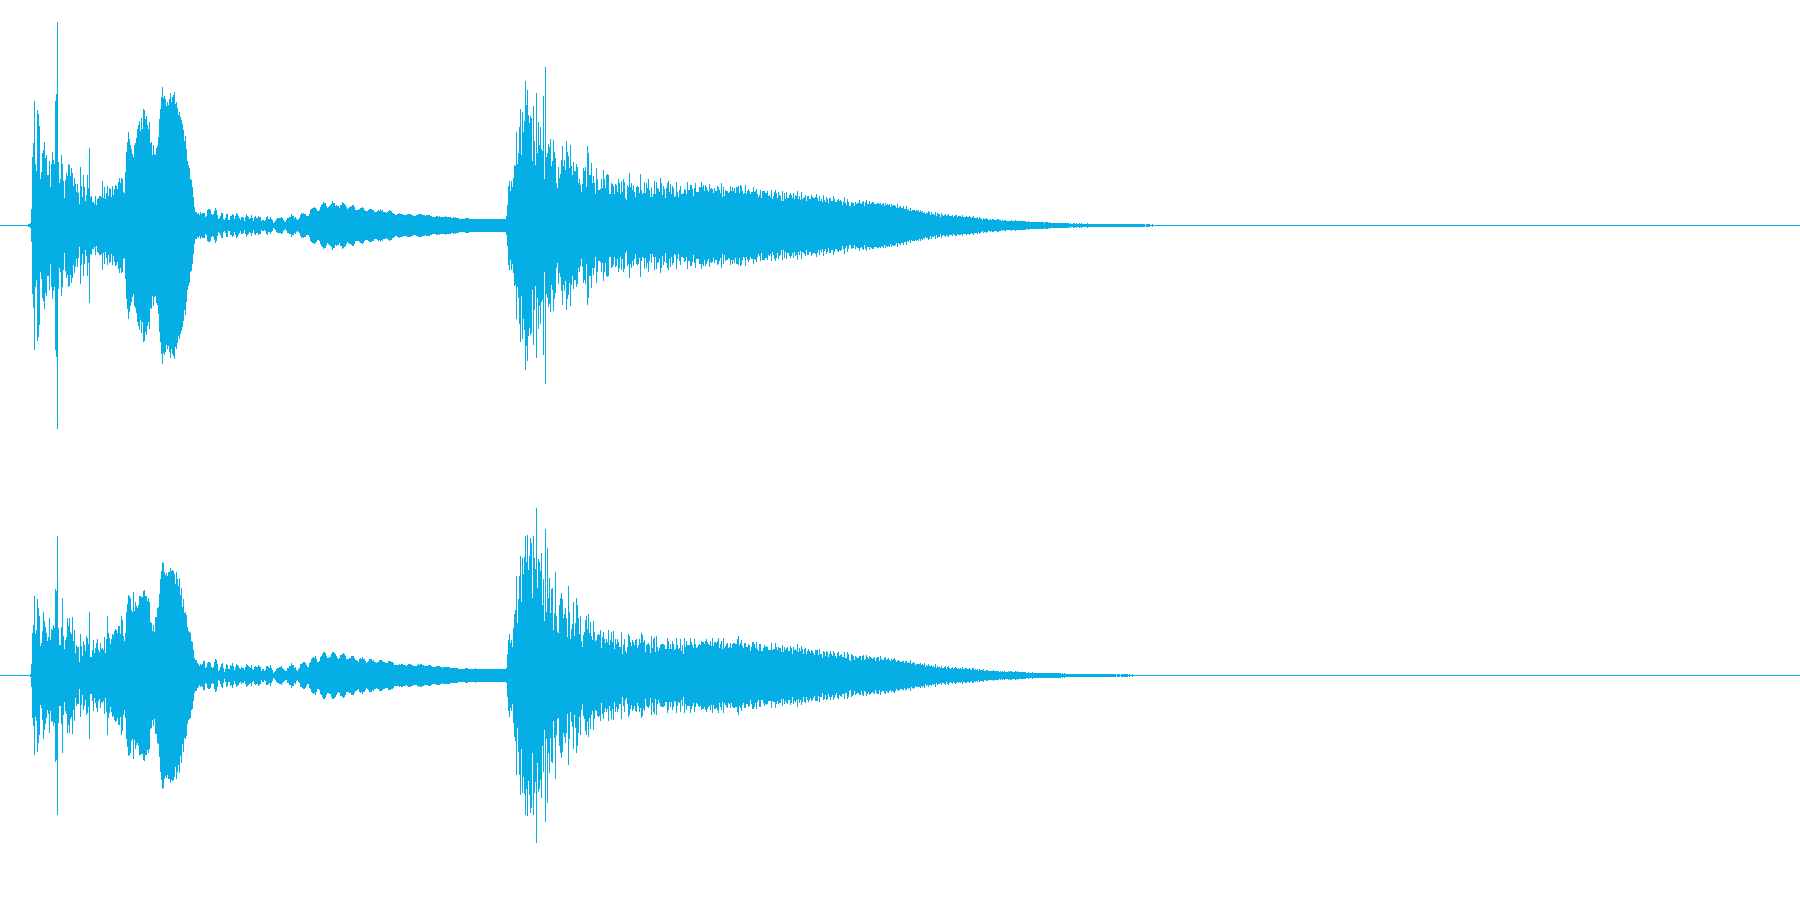 効果音 ネジが飛ぶ音の再生済みの波形